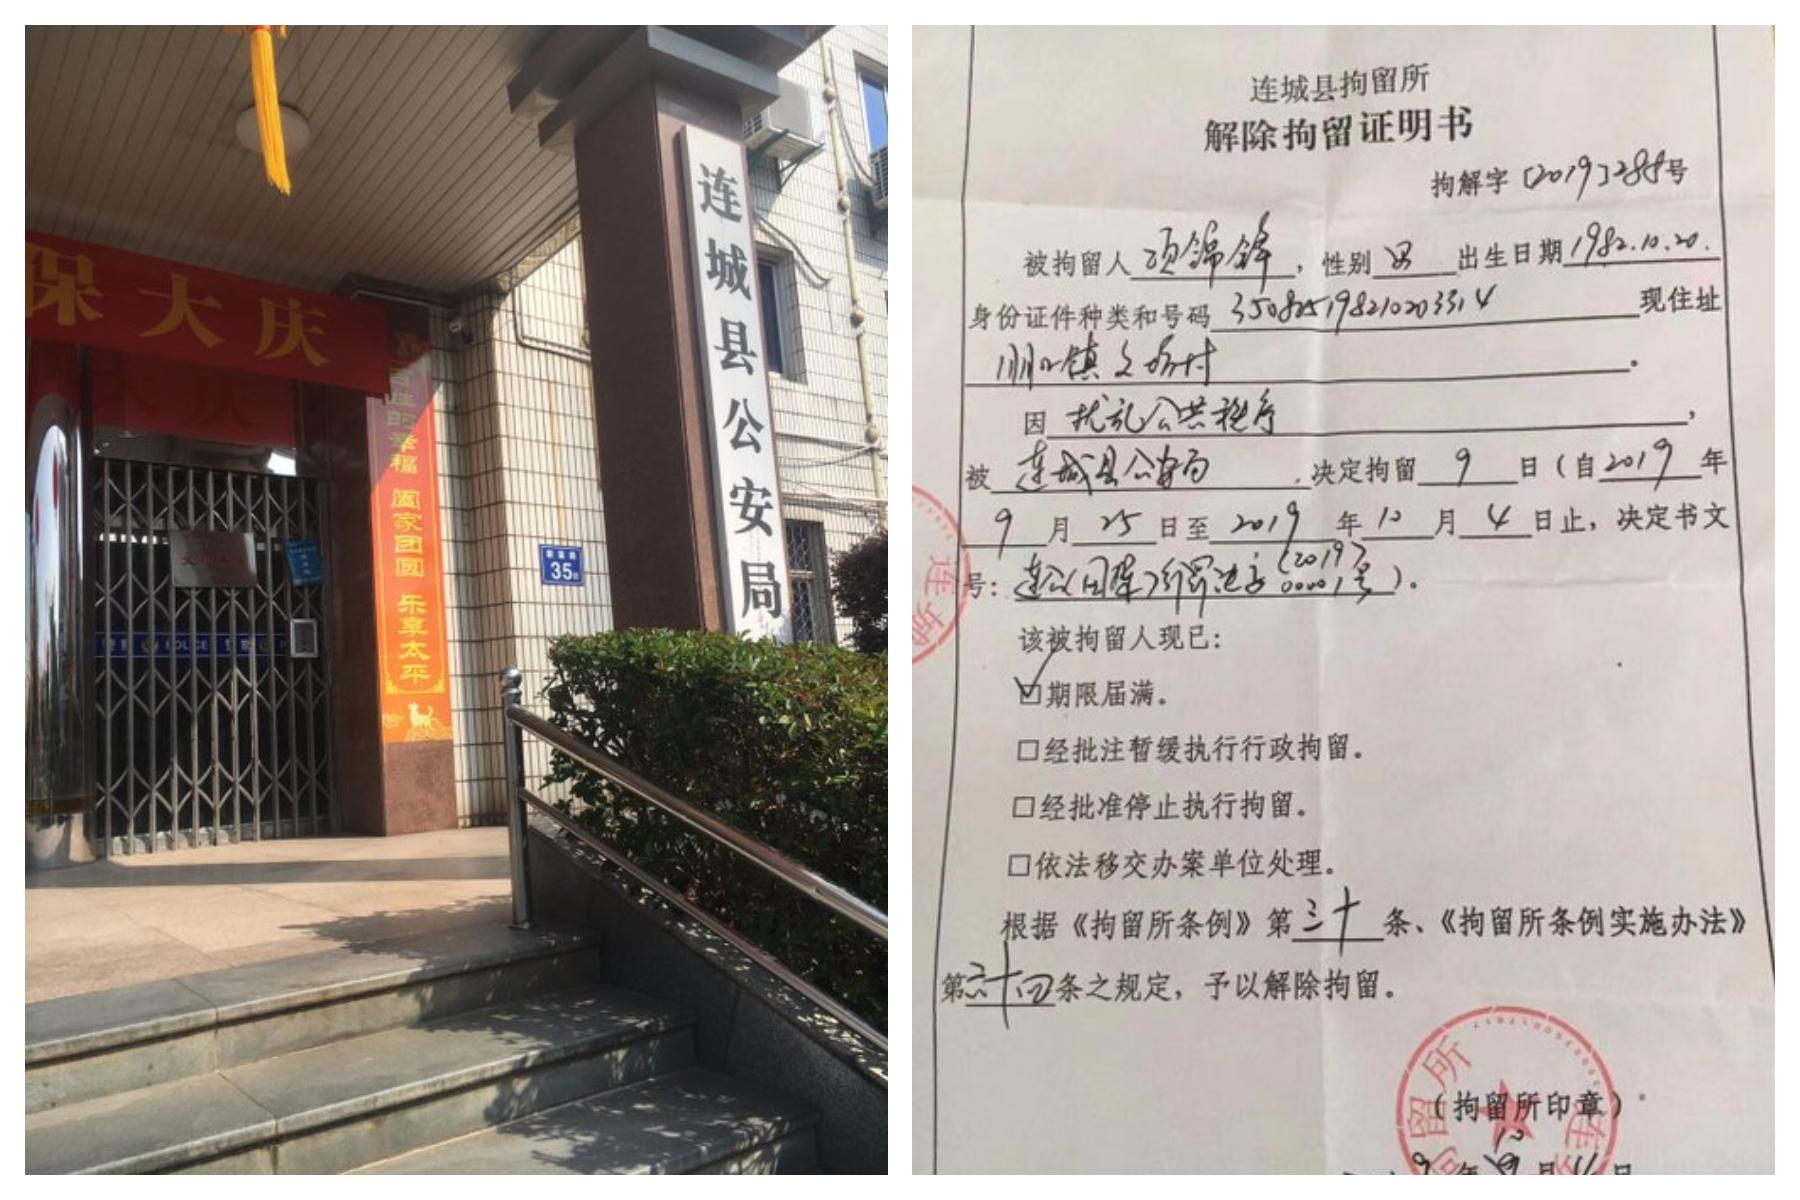 訪問海外網站被指擾亂秩序 福建公民遭拘留